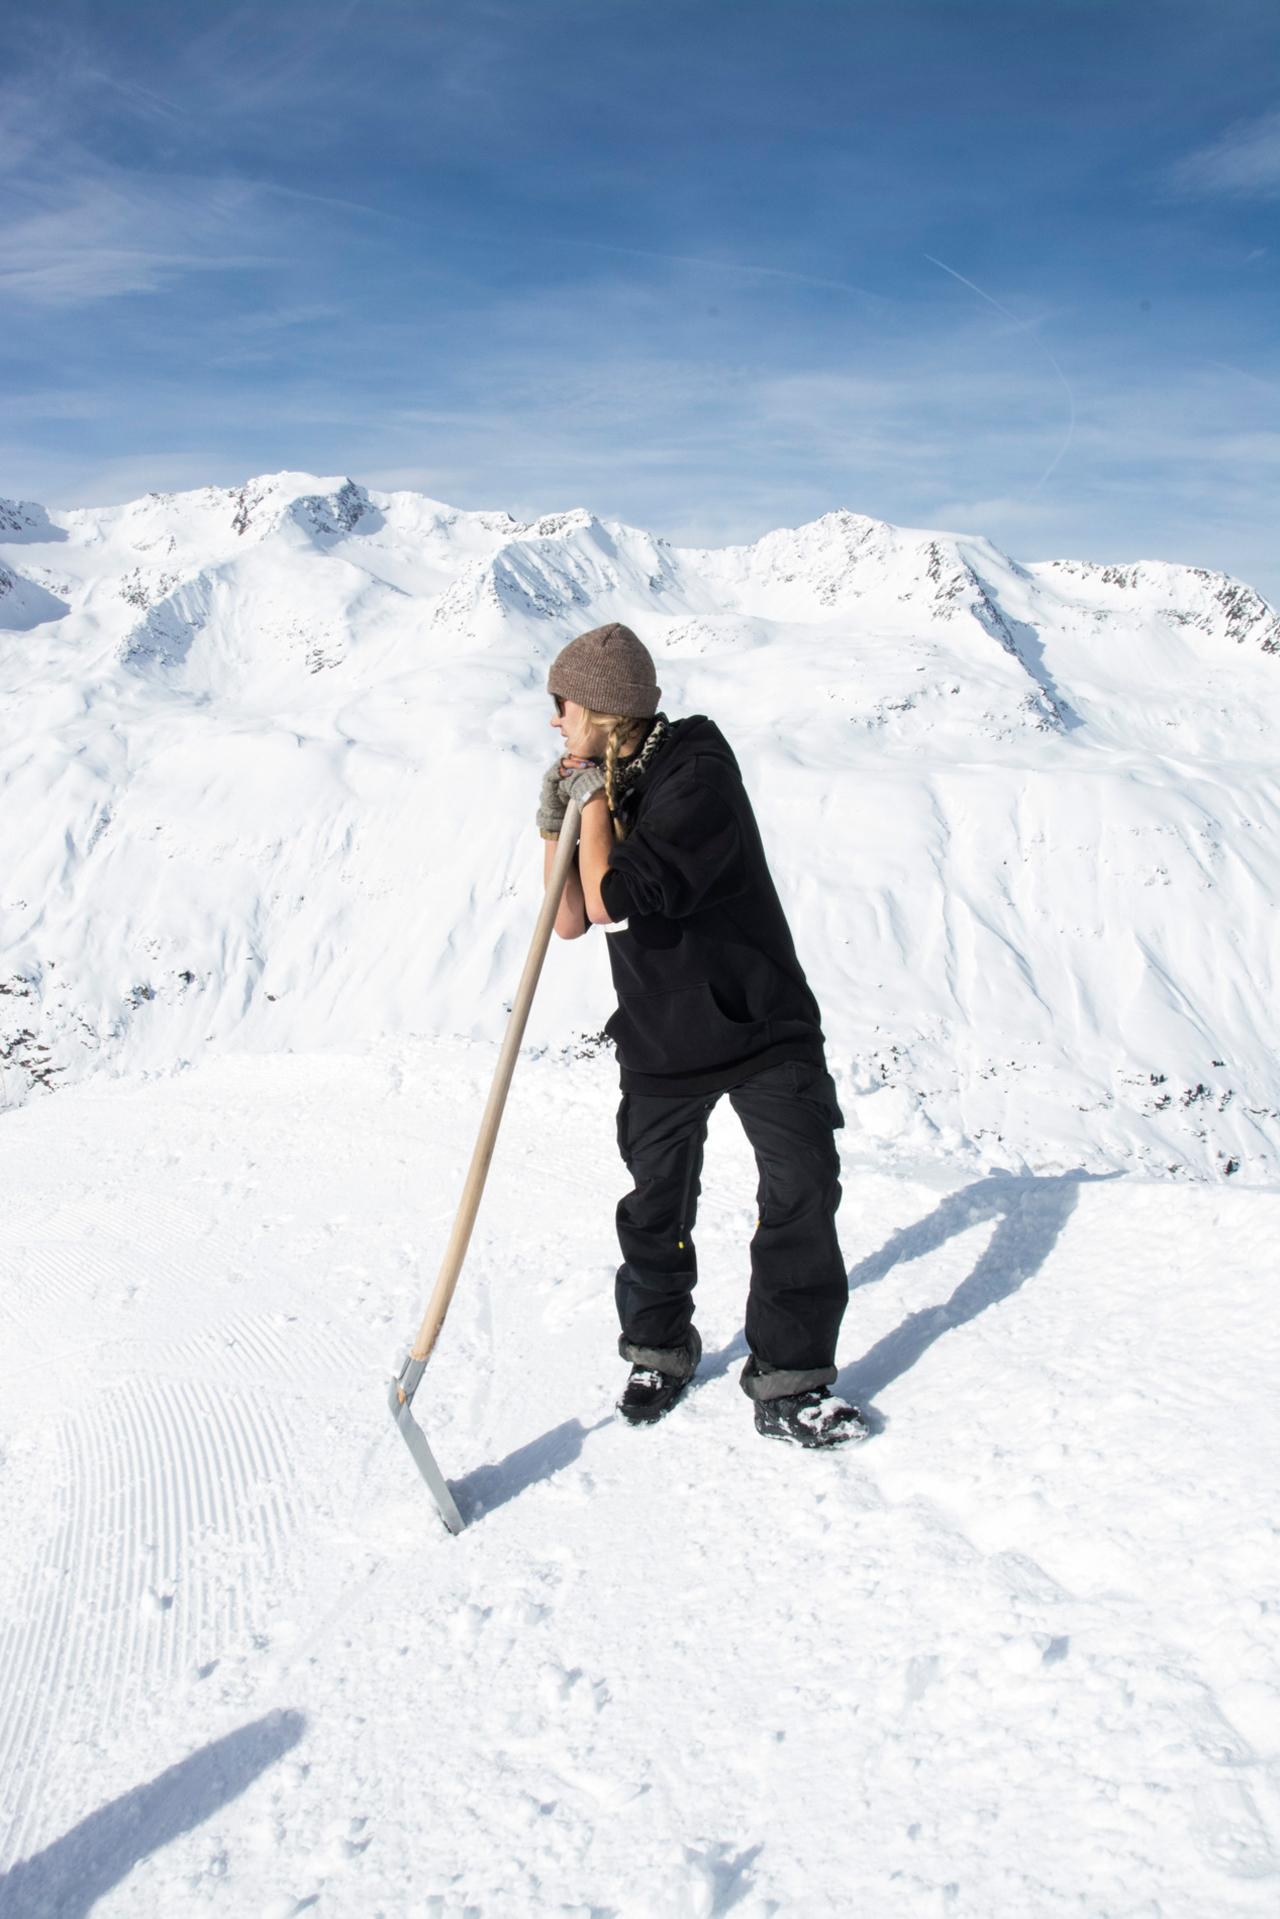 Snowboard Kicker Shaperinnen in Obergurgl